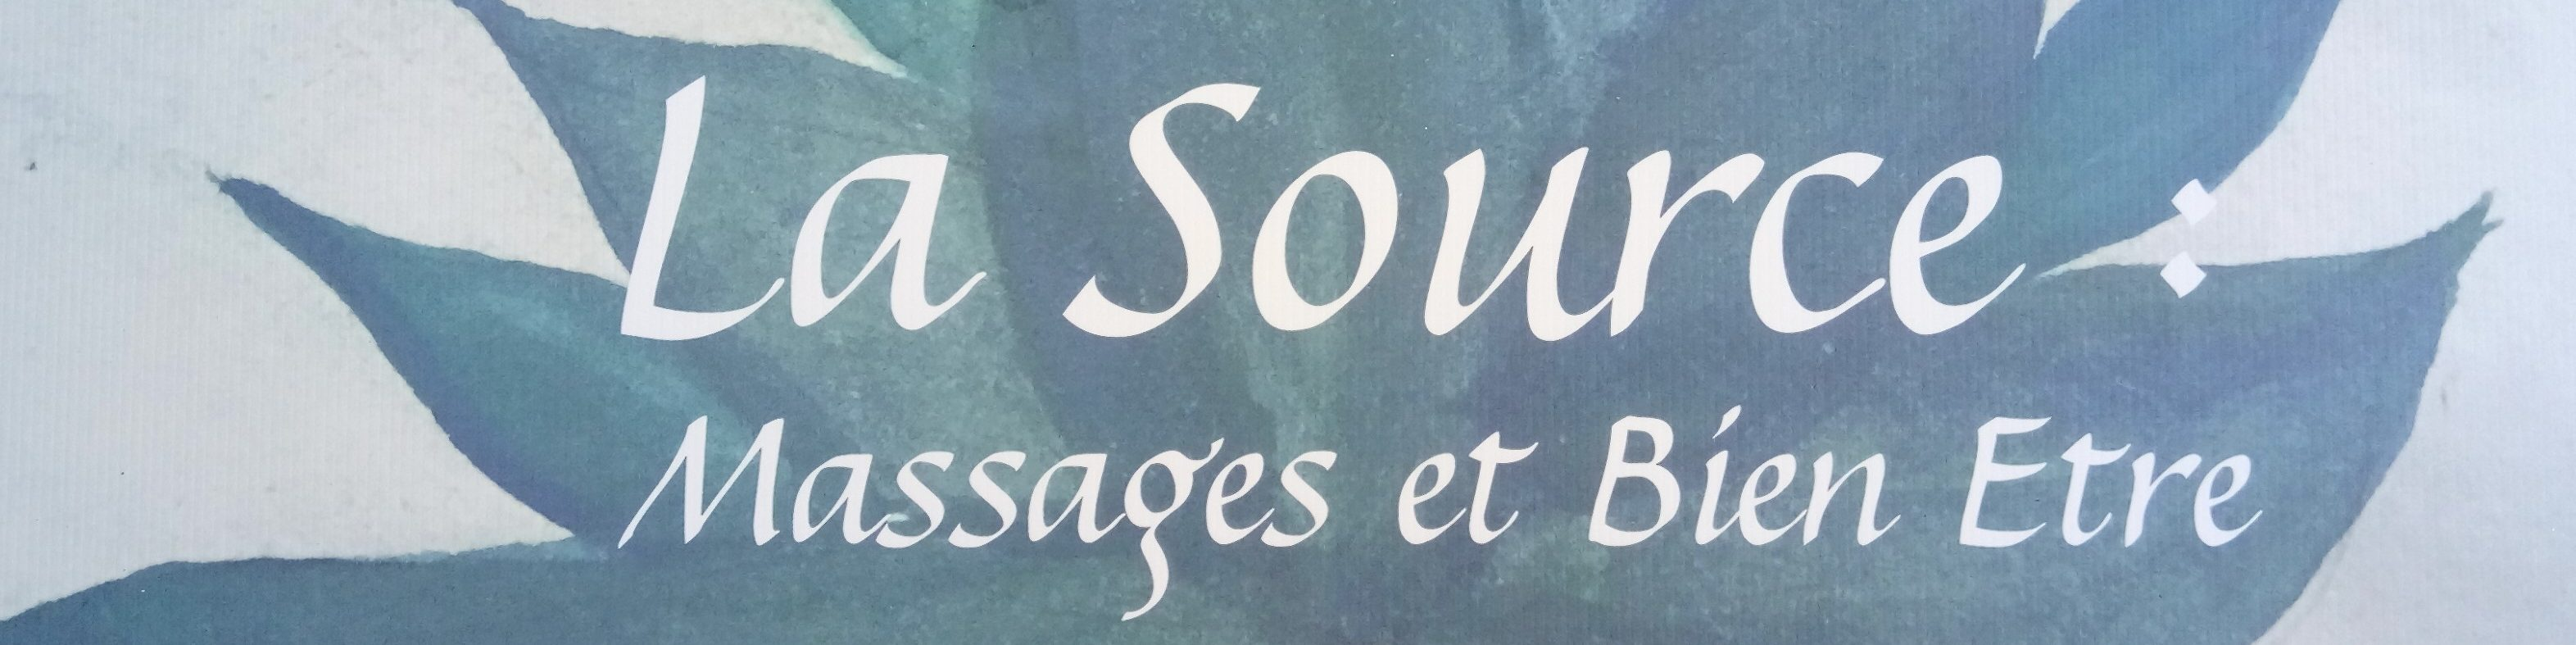 La Source : Massages et Bien Etre à Marseille